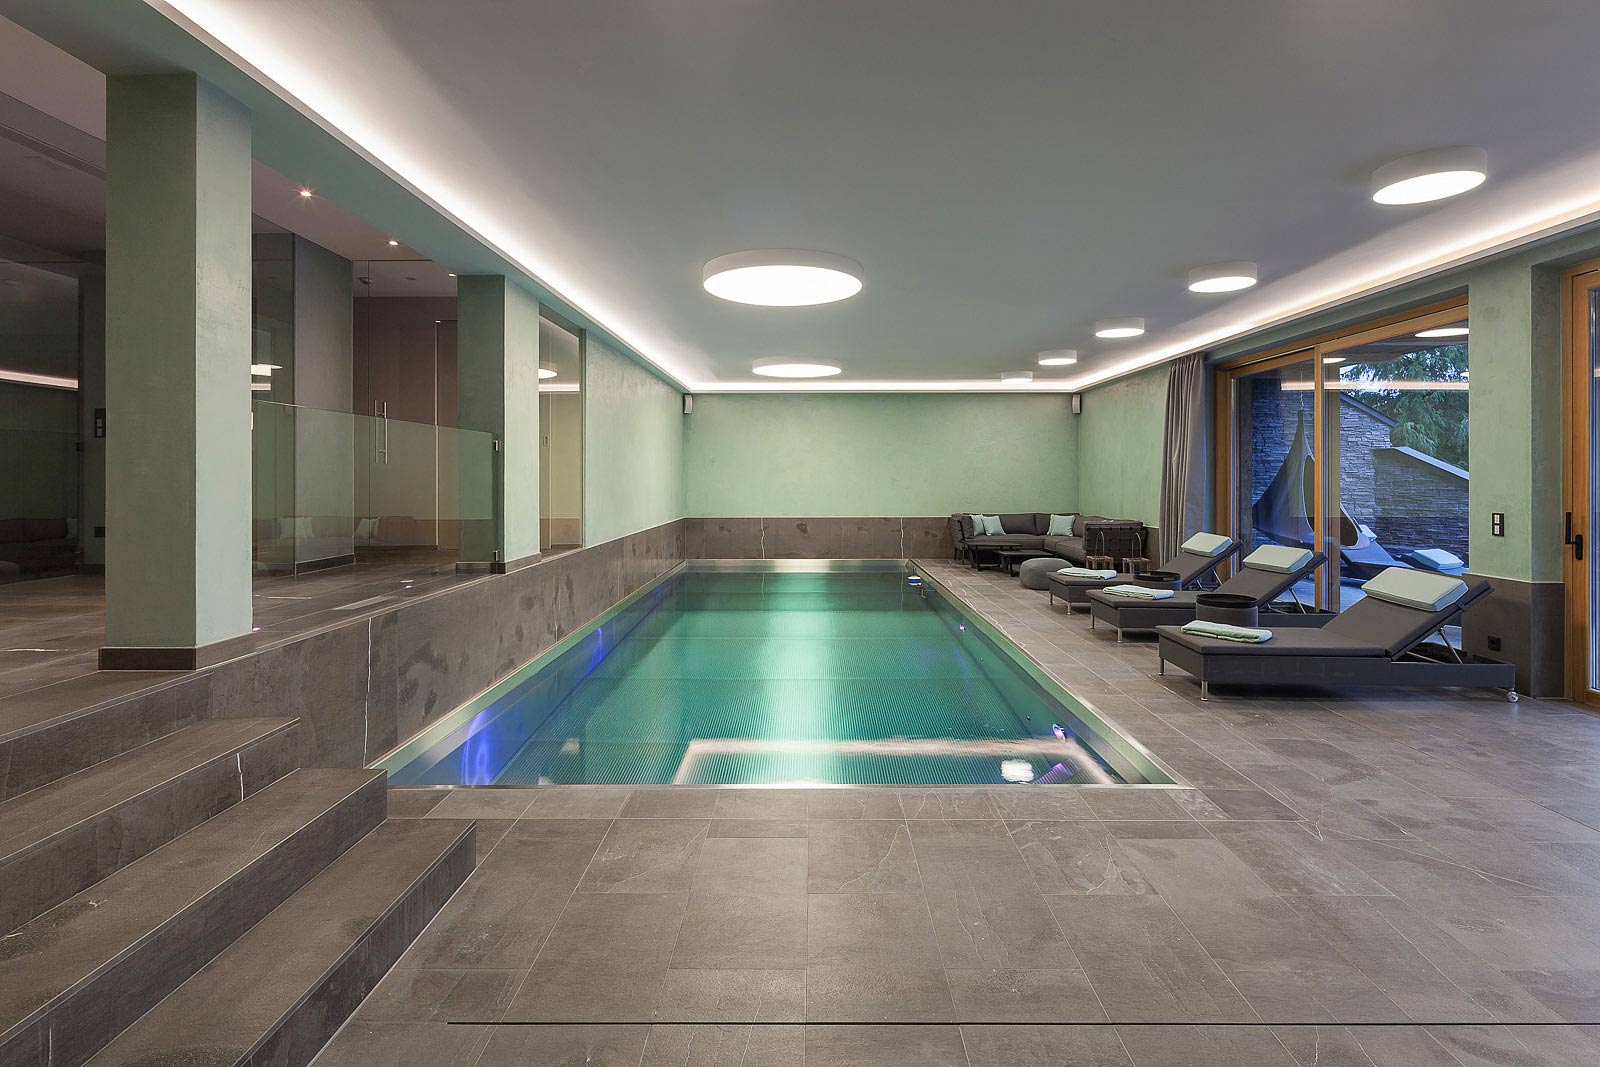 Fotos von hochwertiger Innenausstattung, Poolbereich